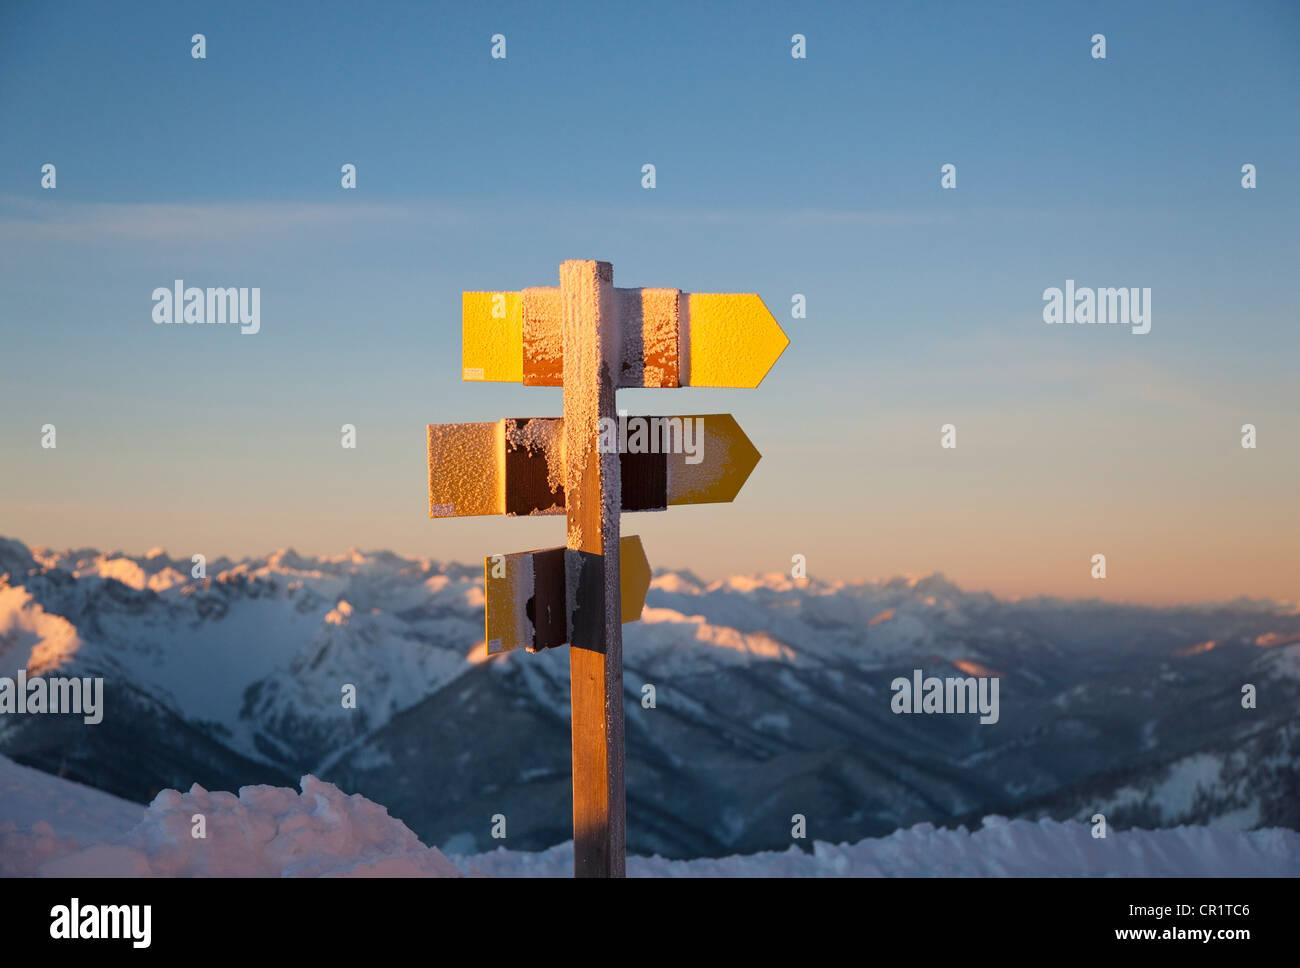 Nahaufnahme eines ländlichen Wegweiser im Schnee Stockbild